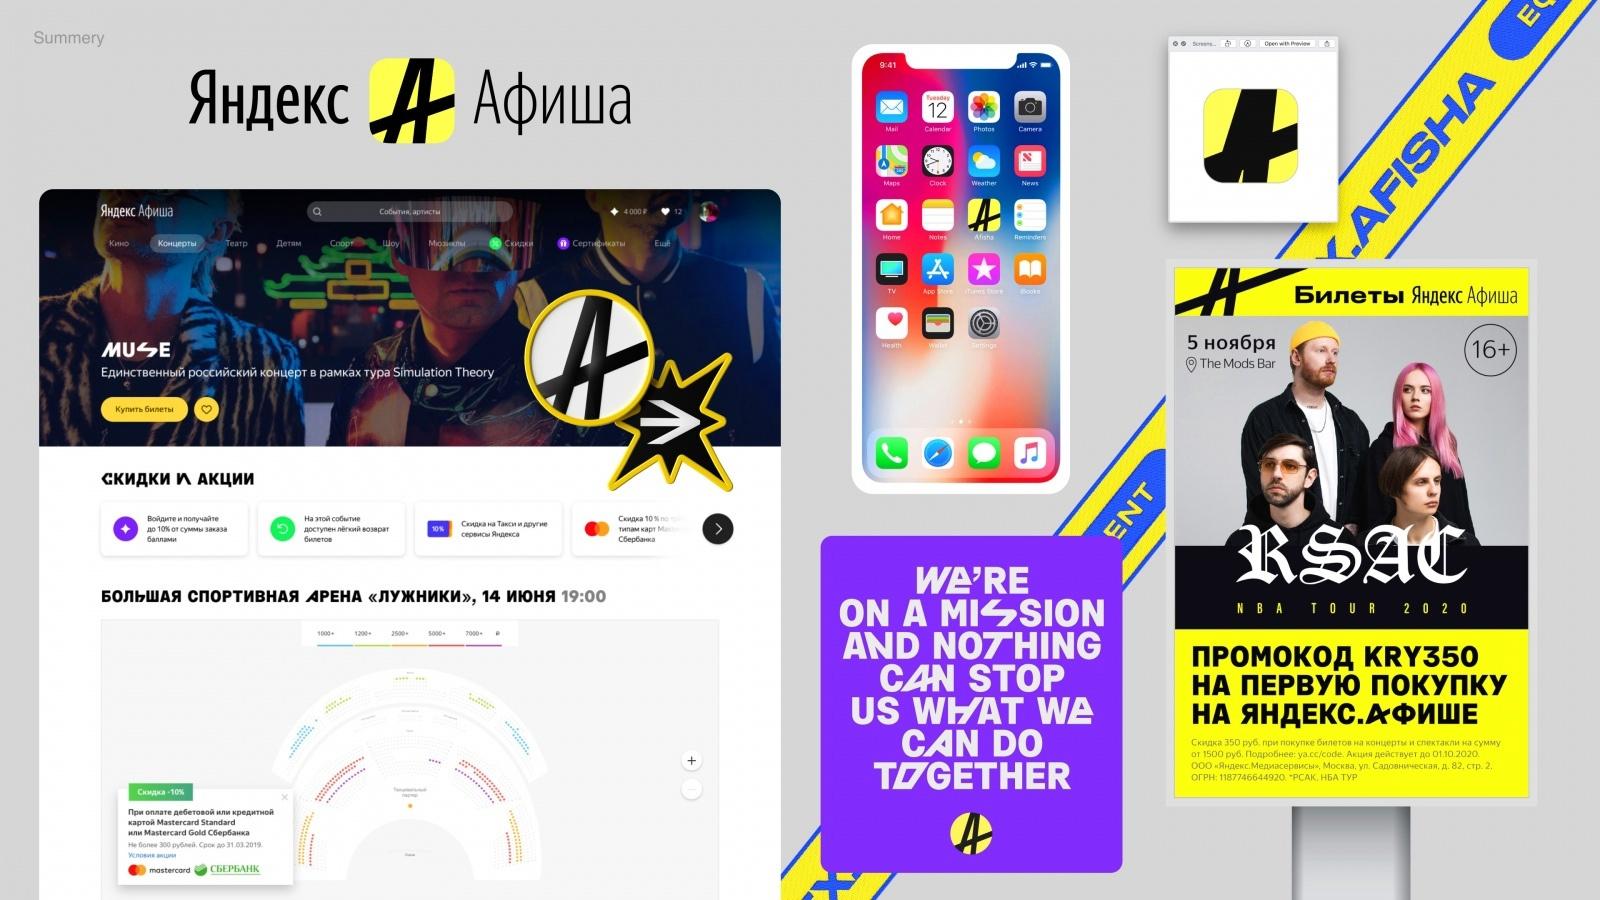 Яндекс.Афише сделали ребрендинг с оградительной лентой в основе - 1